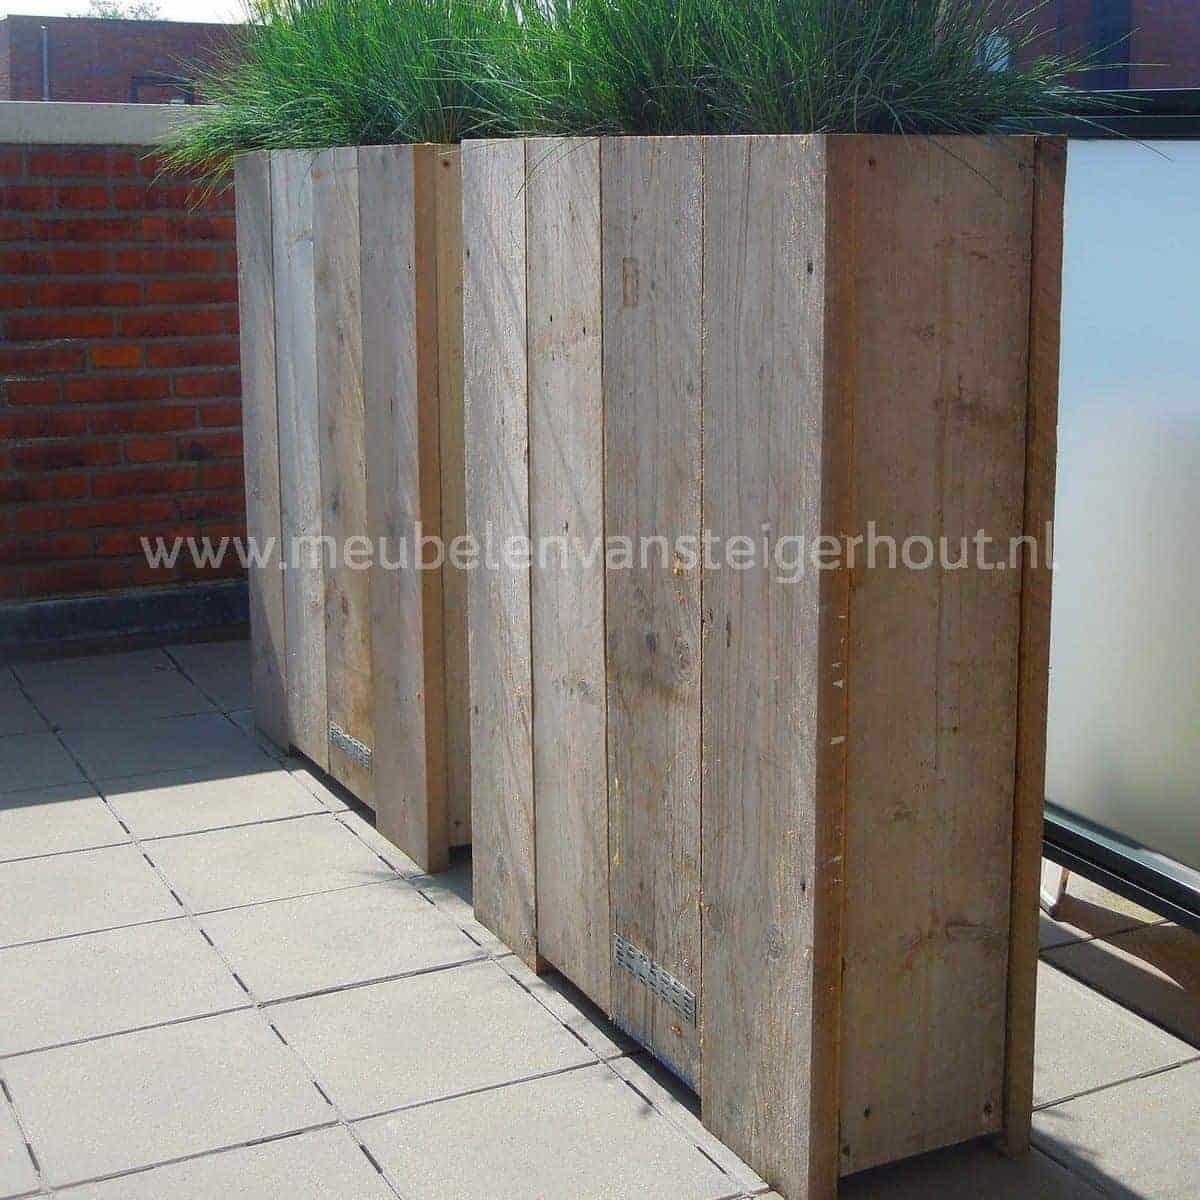 Plantenbak bak 1 meubelen van steigerhout for Schutting intratuin